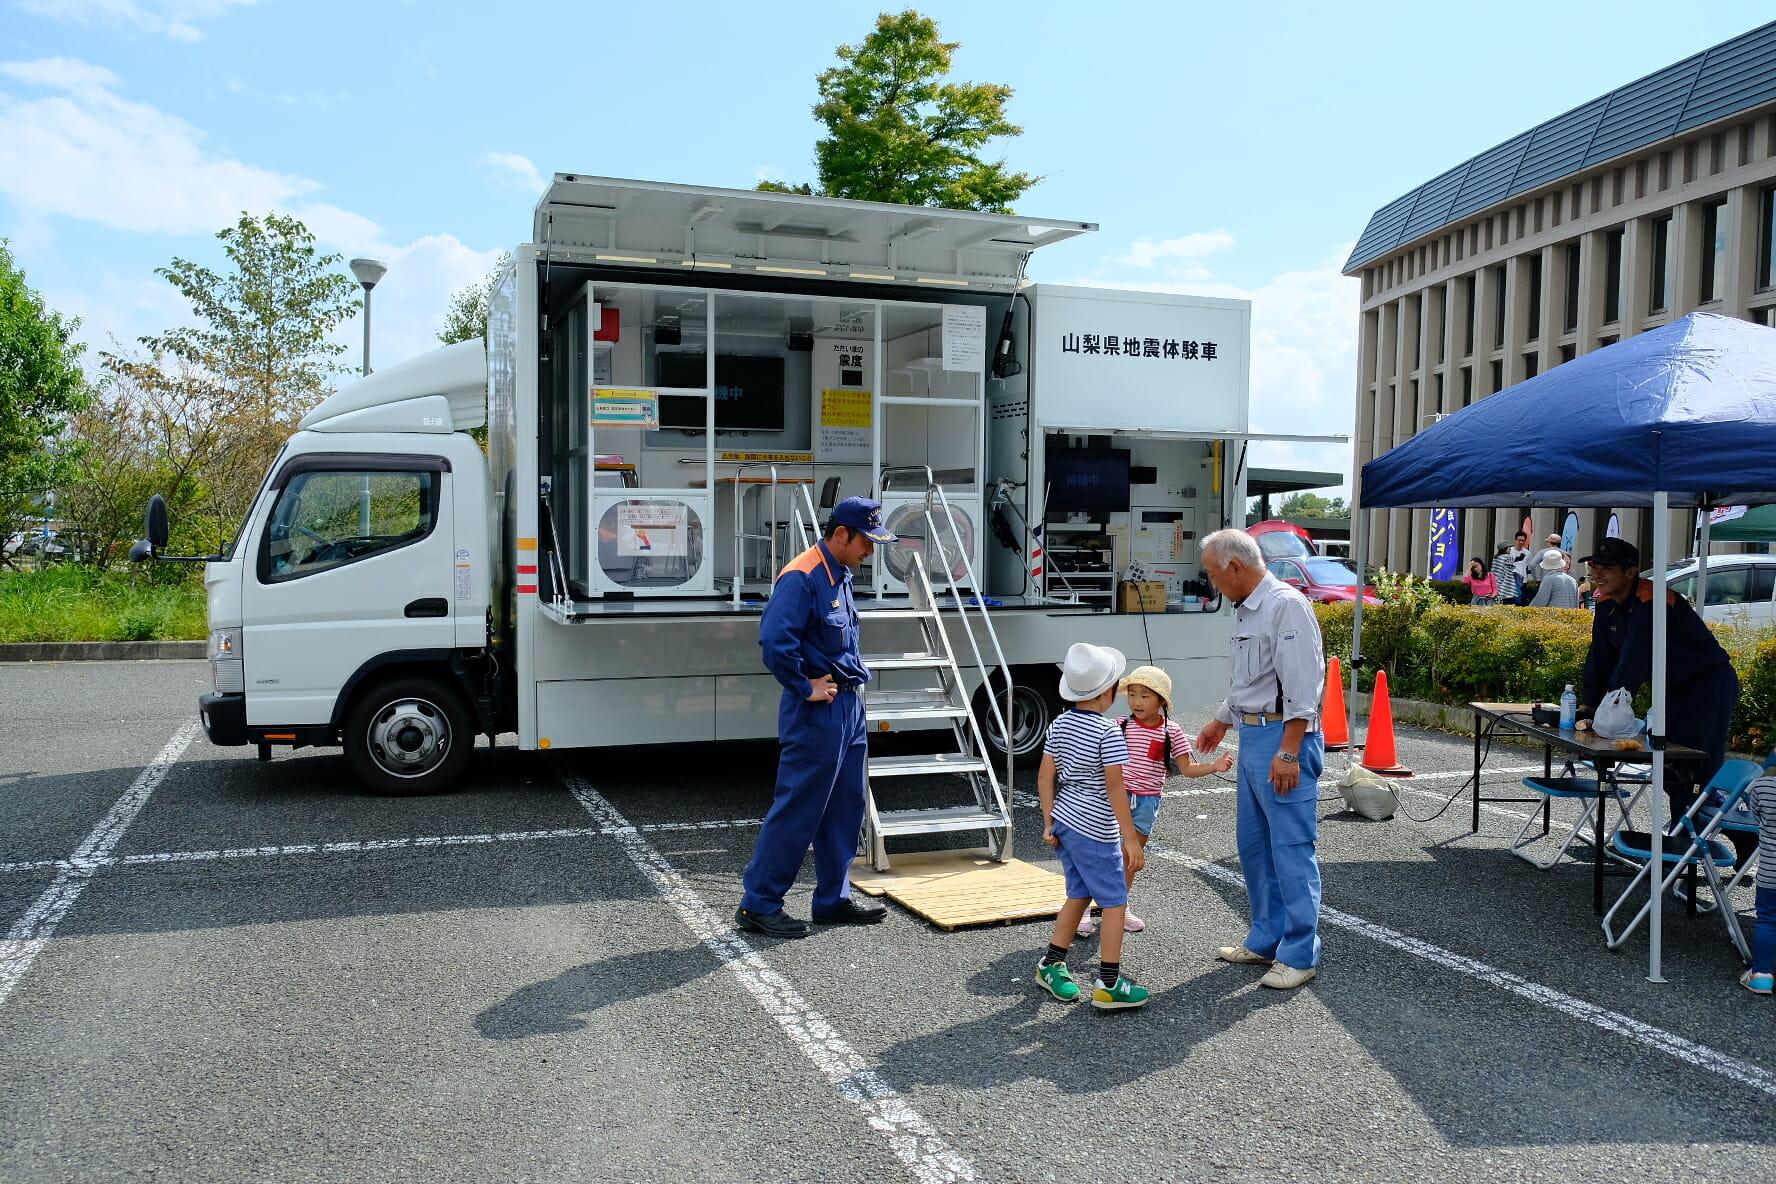 防災関連の展示や体験もあり、山梨県が持つ「地震体験車」も参加した。お爺ちゃんと一緒に東日本大震災地震を体験してきたお孫さんたち。ビックリした〜とため息交じりで話していた。